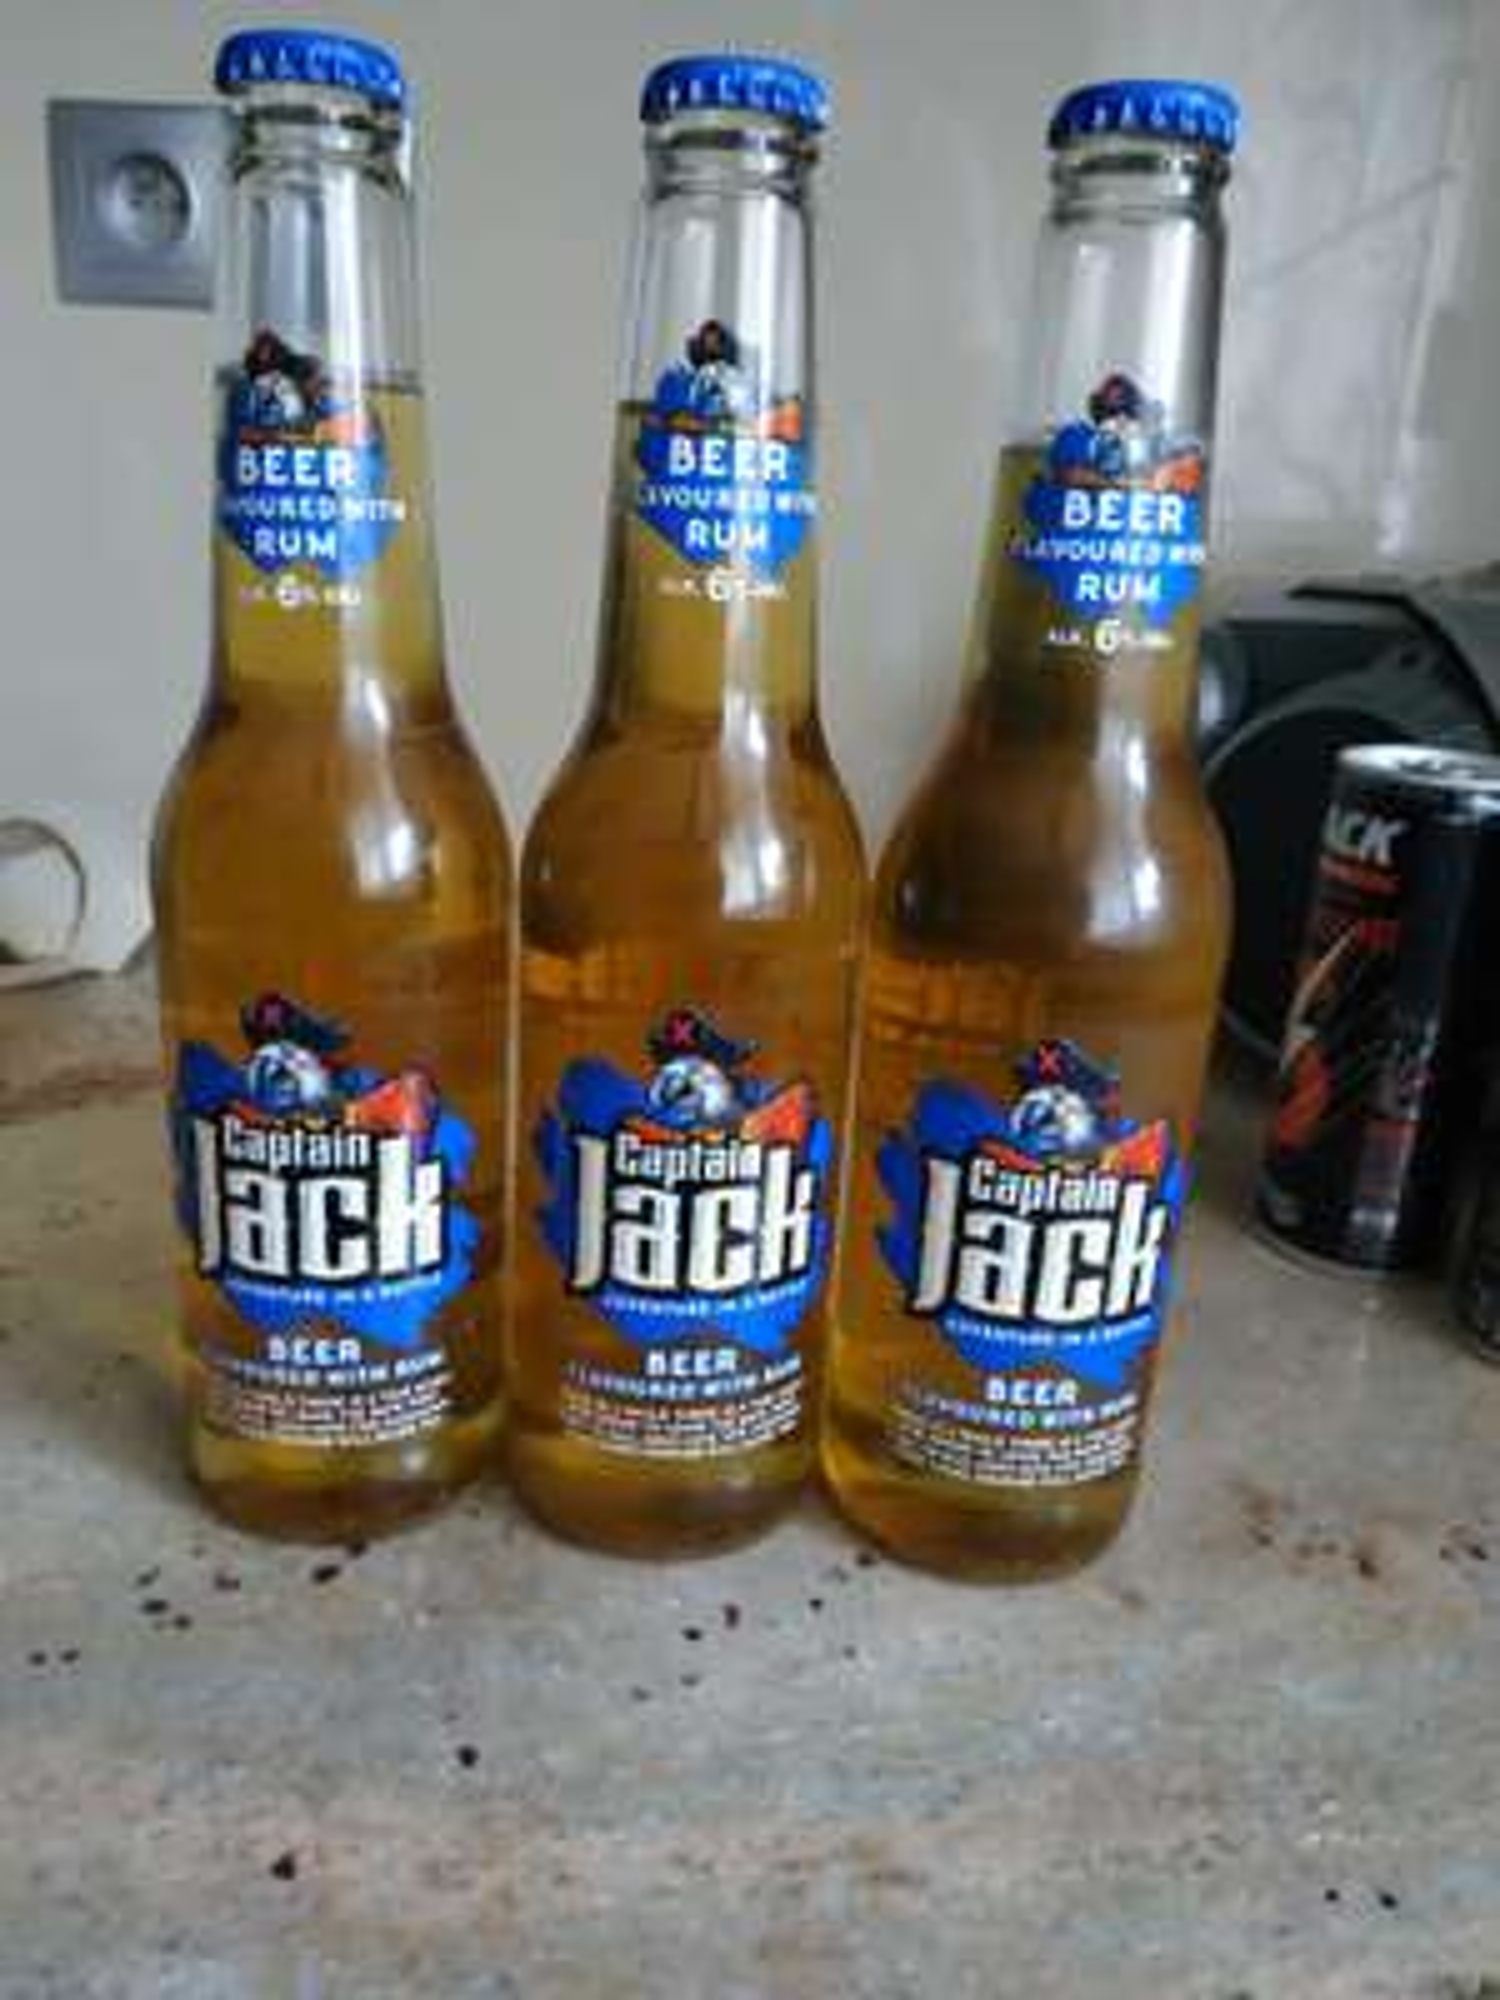 ŻABKA - Piwo Captain Jack 2,99 przy zakupie 3szt.